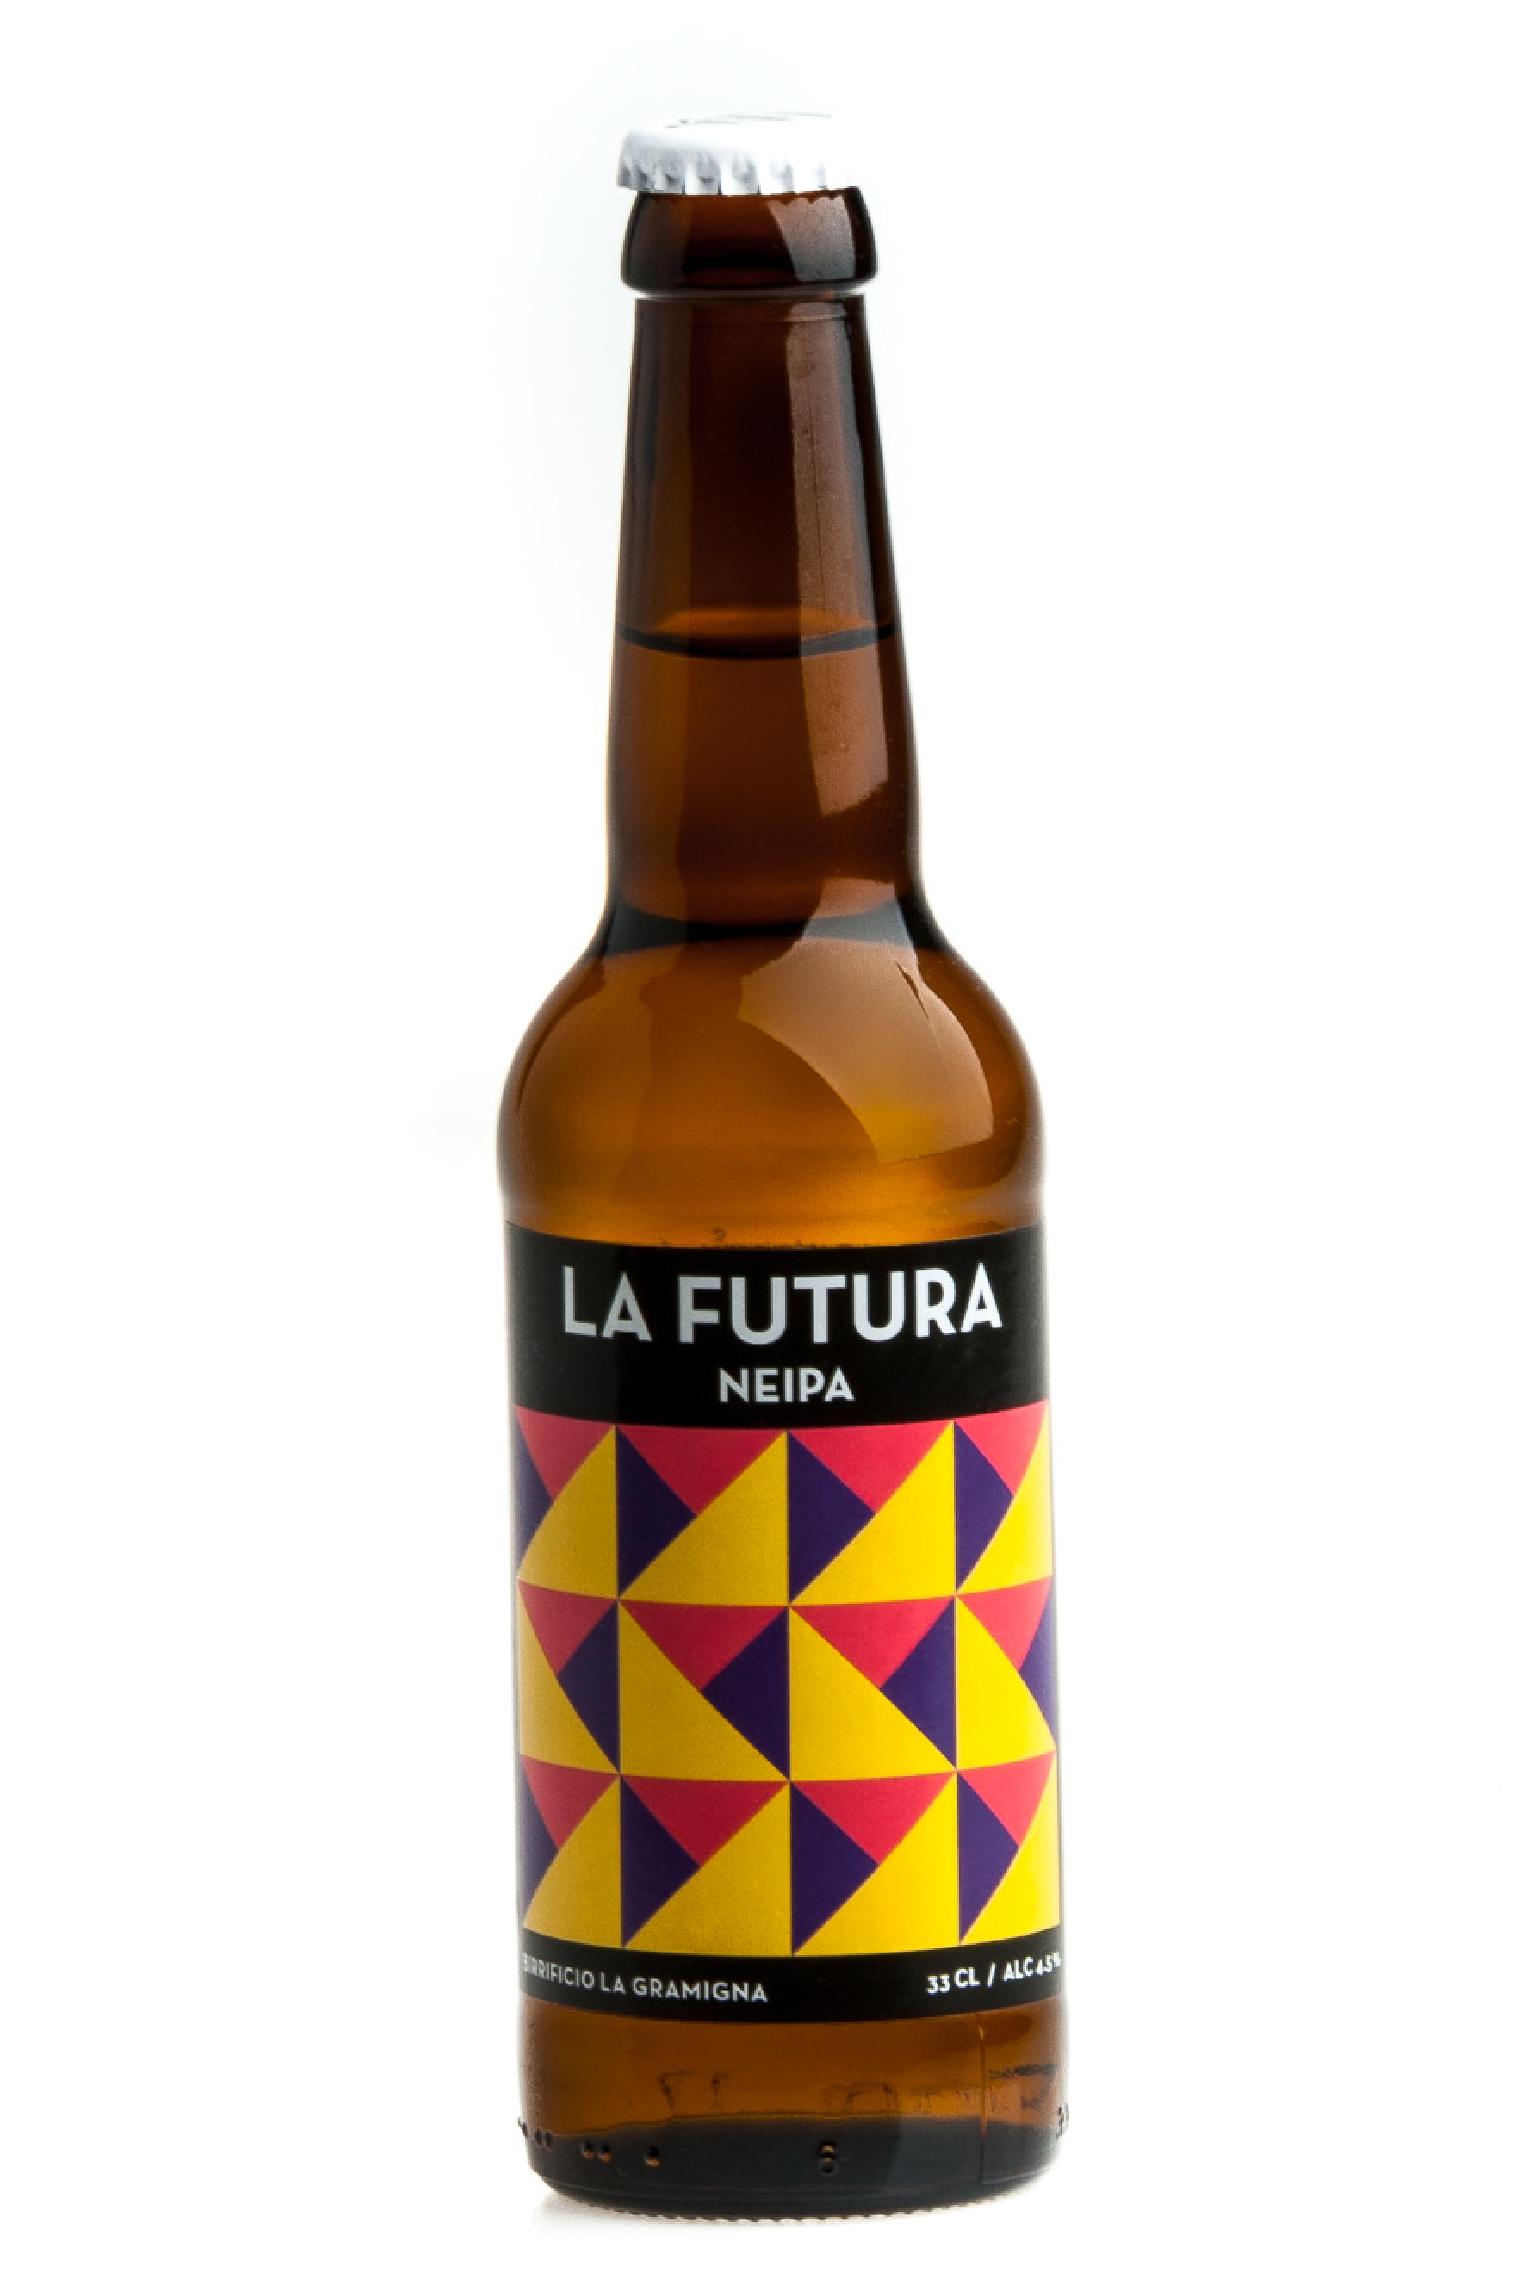 Biffiricio La Gramigna - La Futura